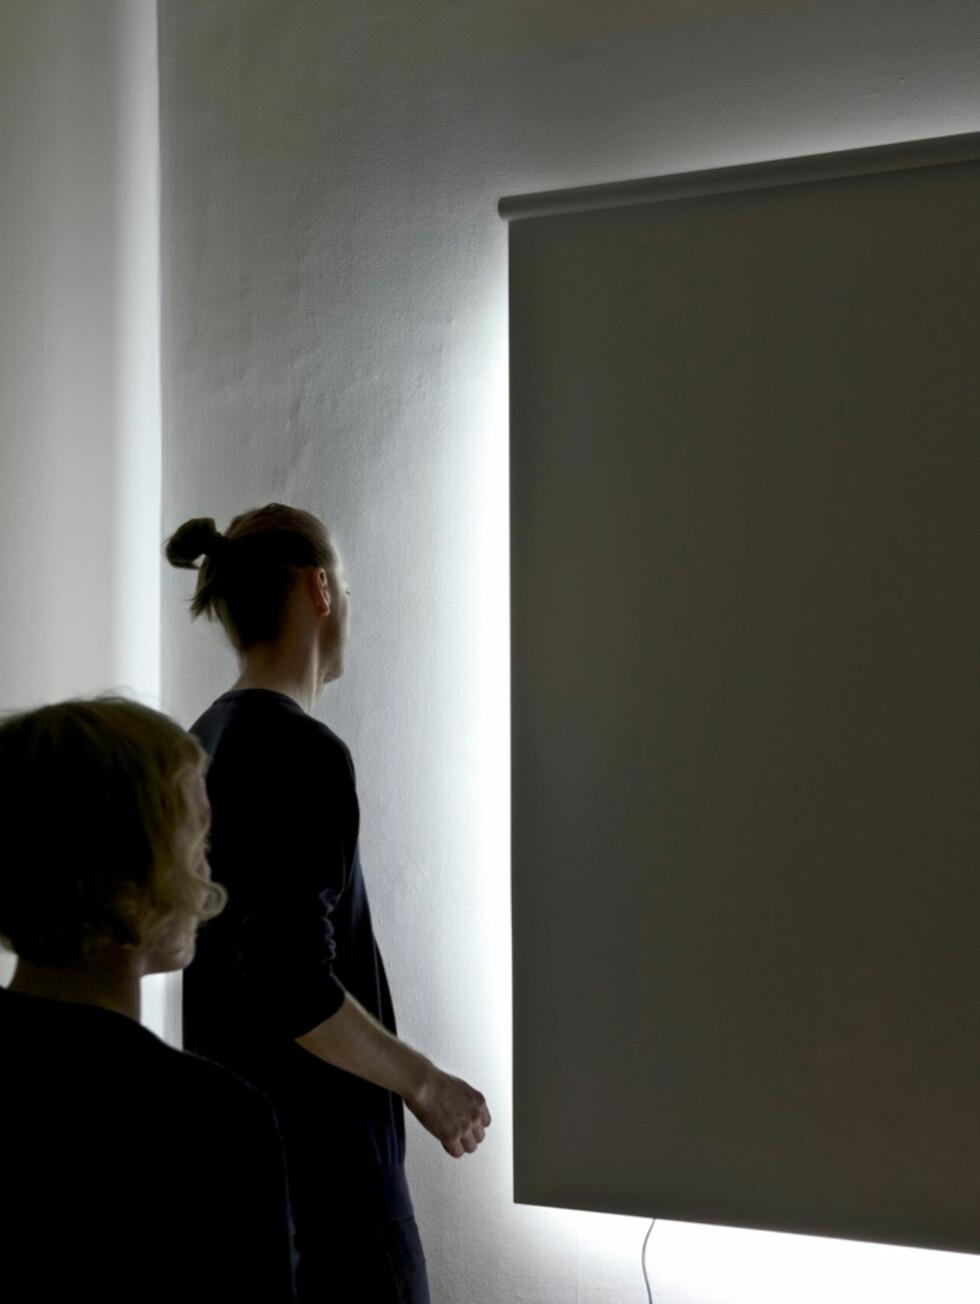 Dette er ikke et vindu som er dekket av en rullegardin, men en lampe på en hvit vegg. Screened daylight heter lampen Foto: Daniel Rybakken